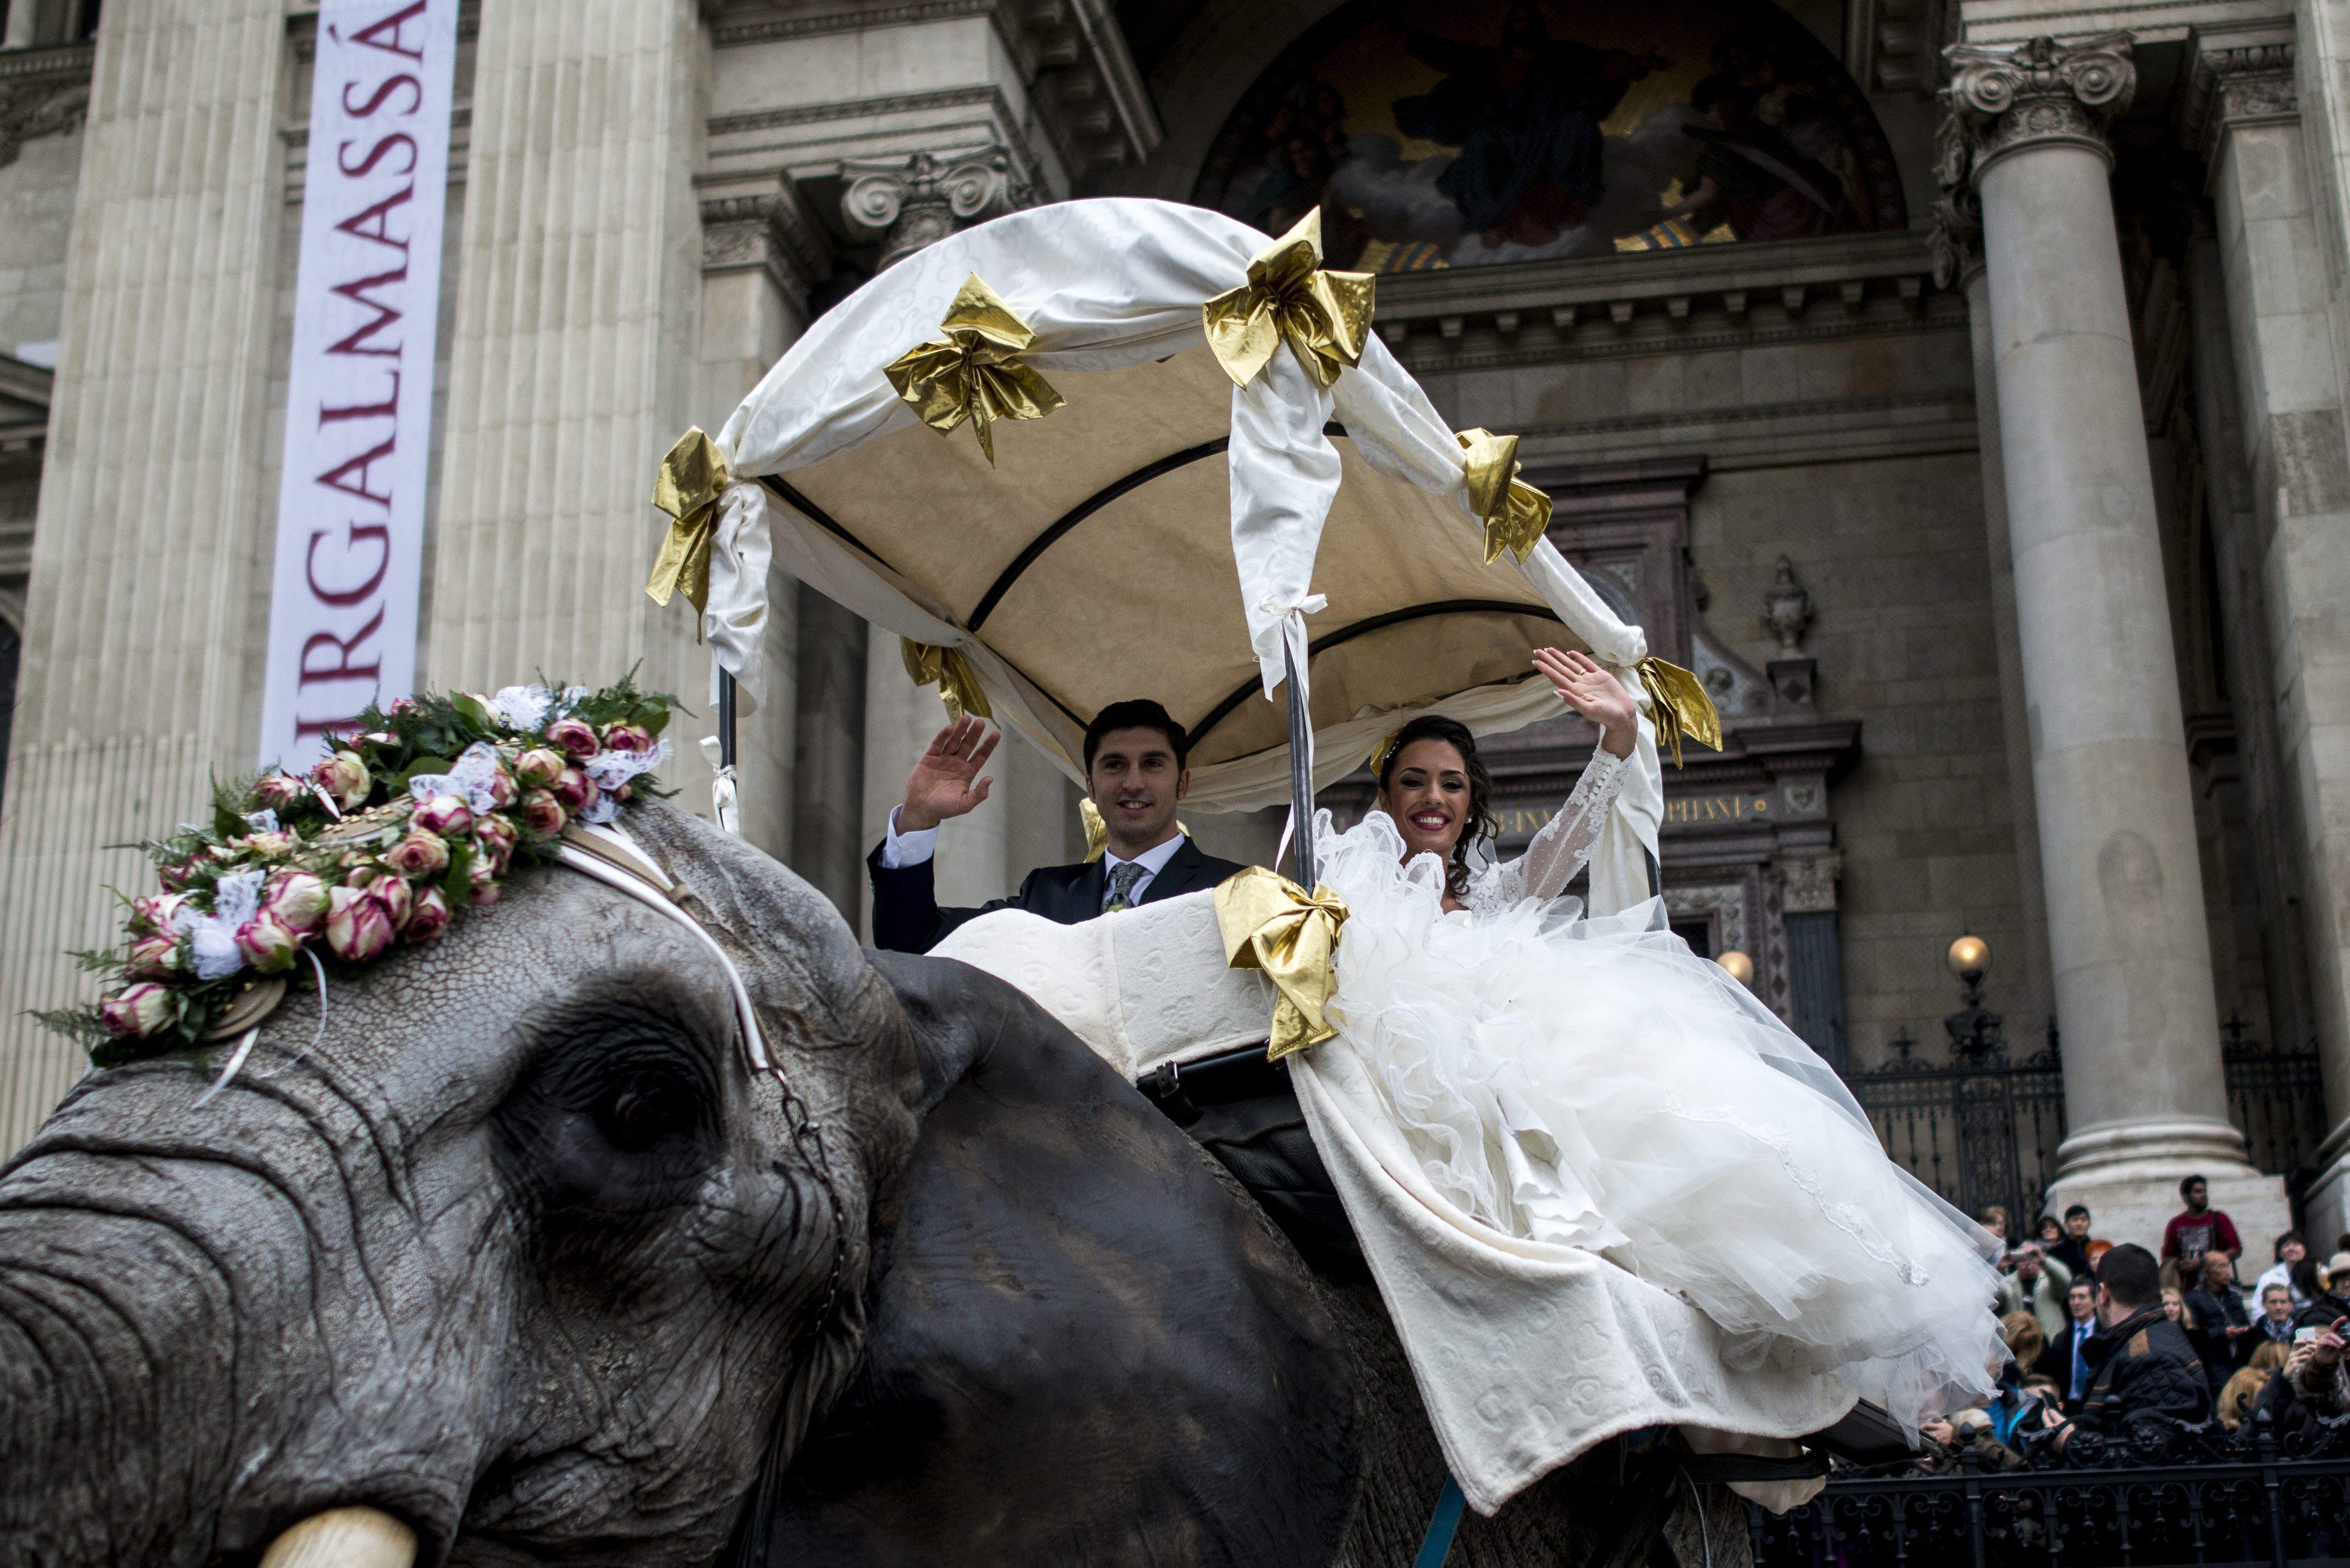 Elefánt várta a Valentin-napon egybekelt artista párt a Bazilikánál